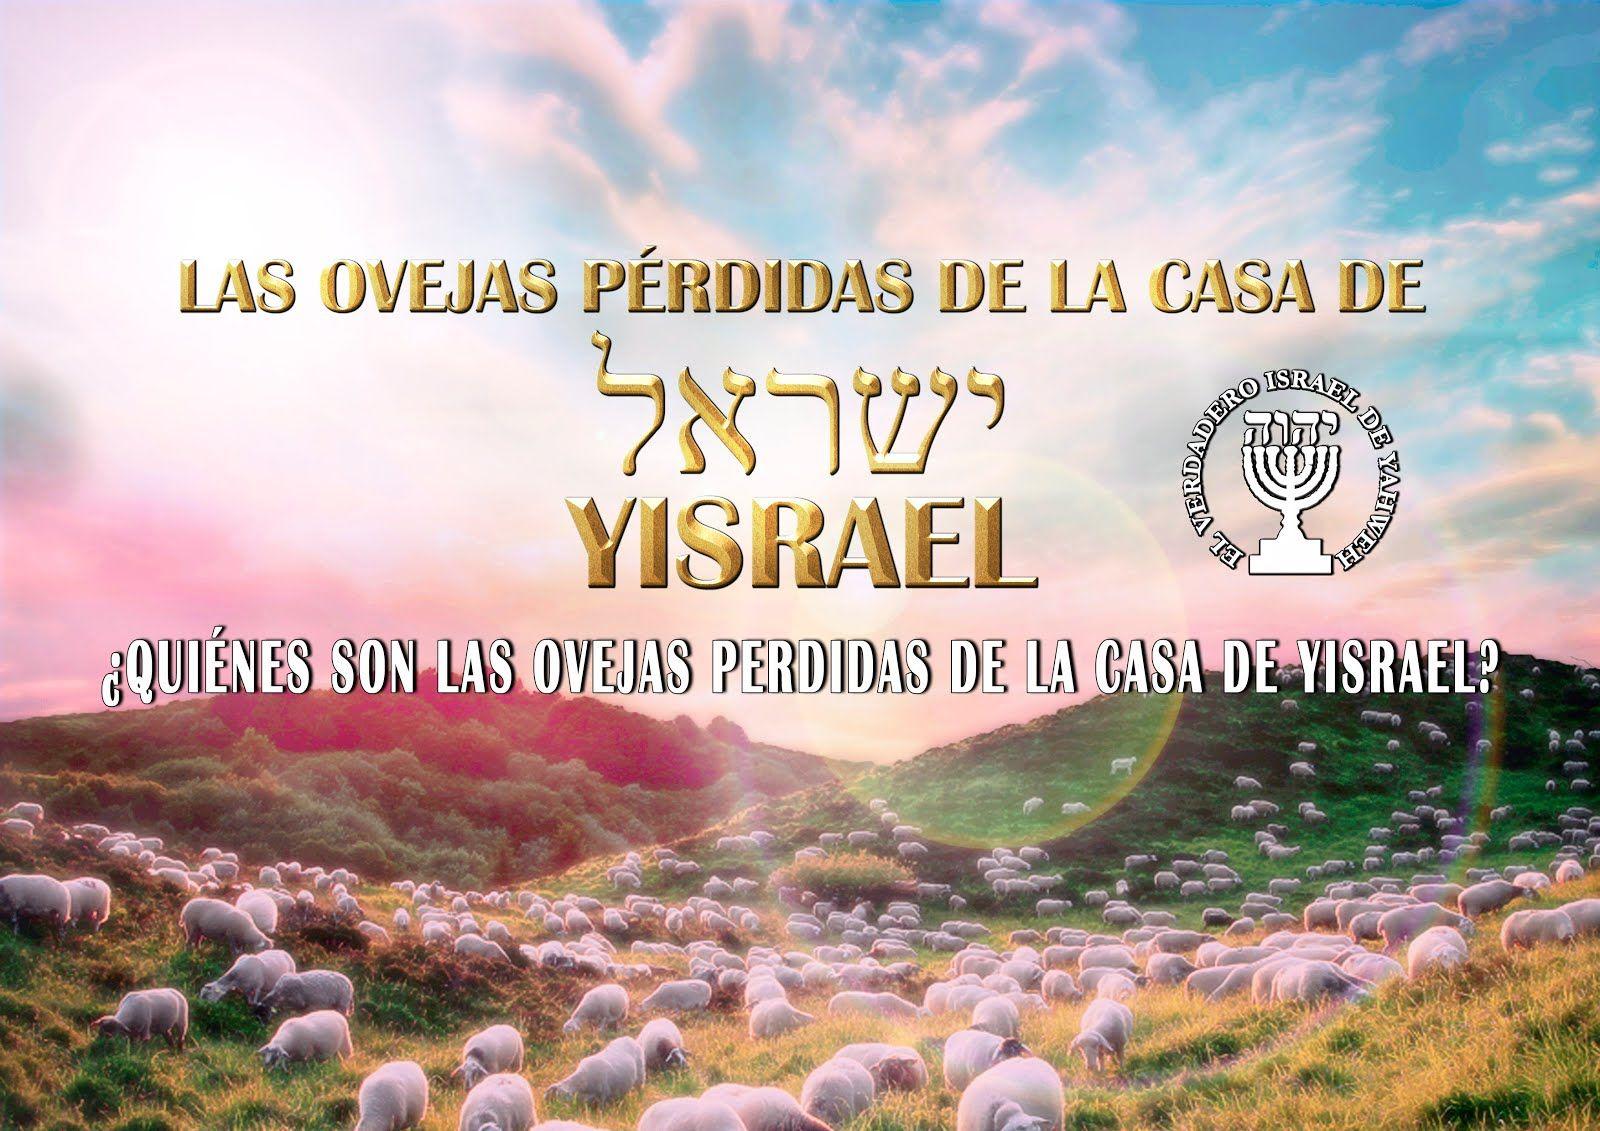 Quienes Son Las Ovejas Perdidas De La Casa De Yisrael Con